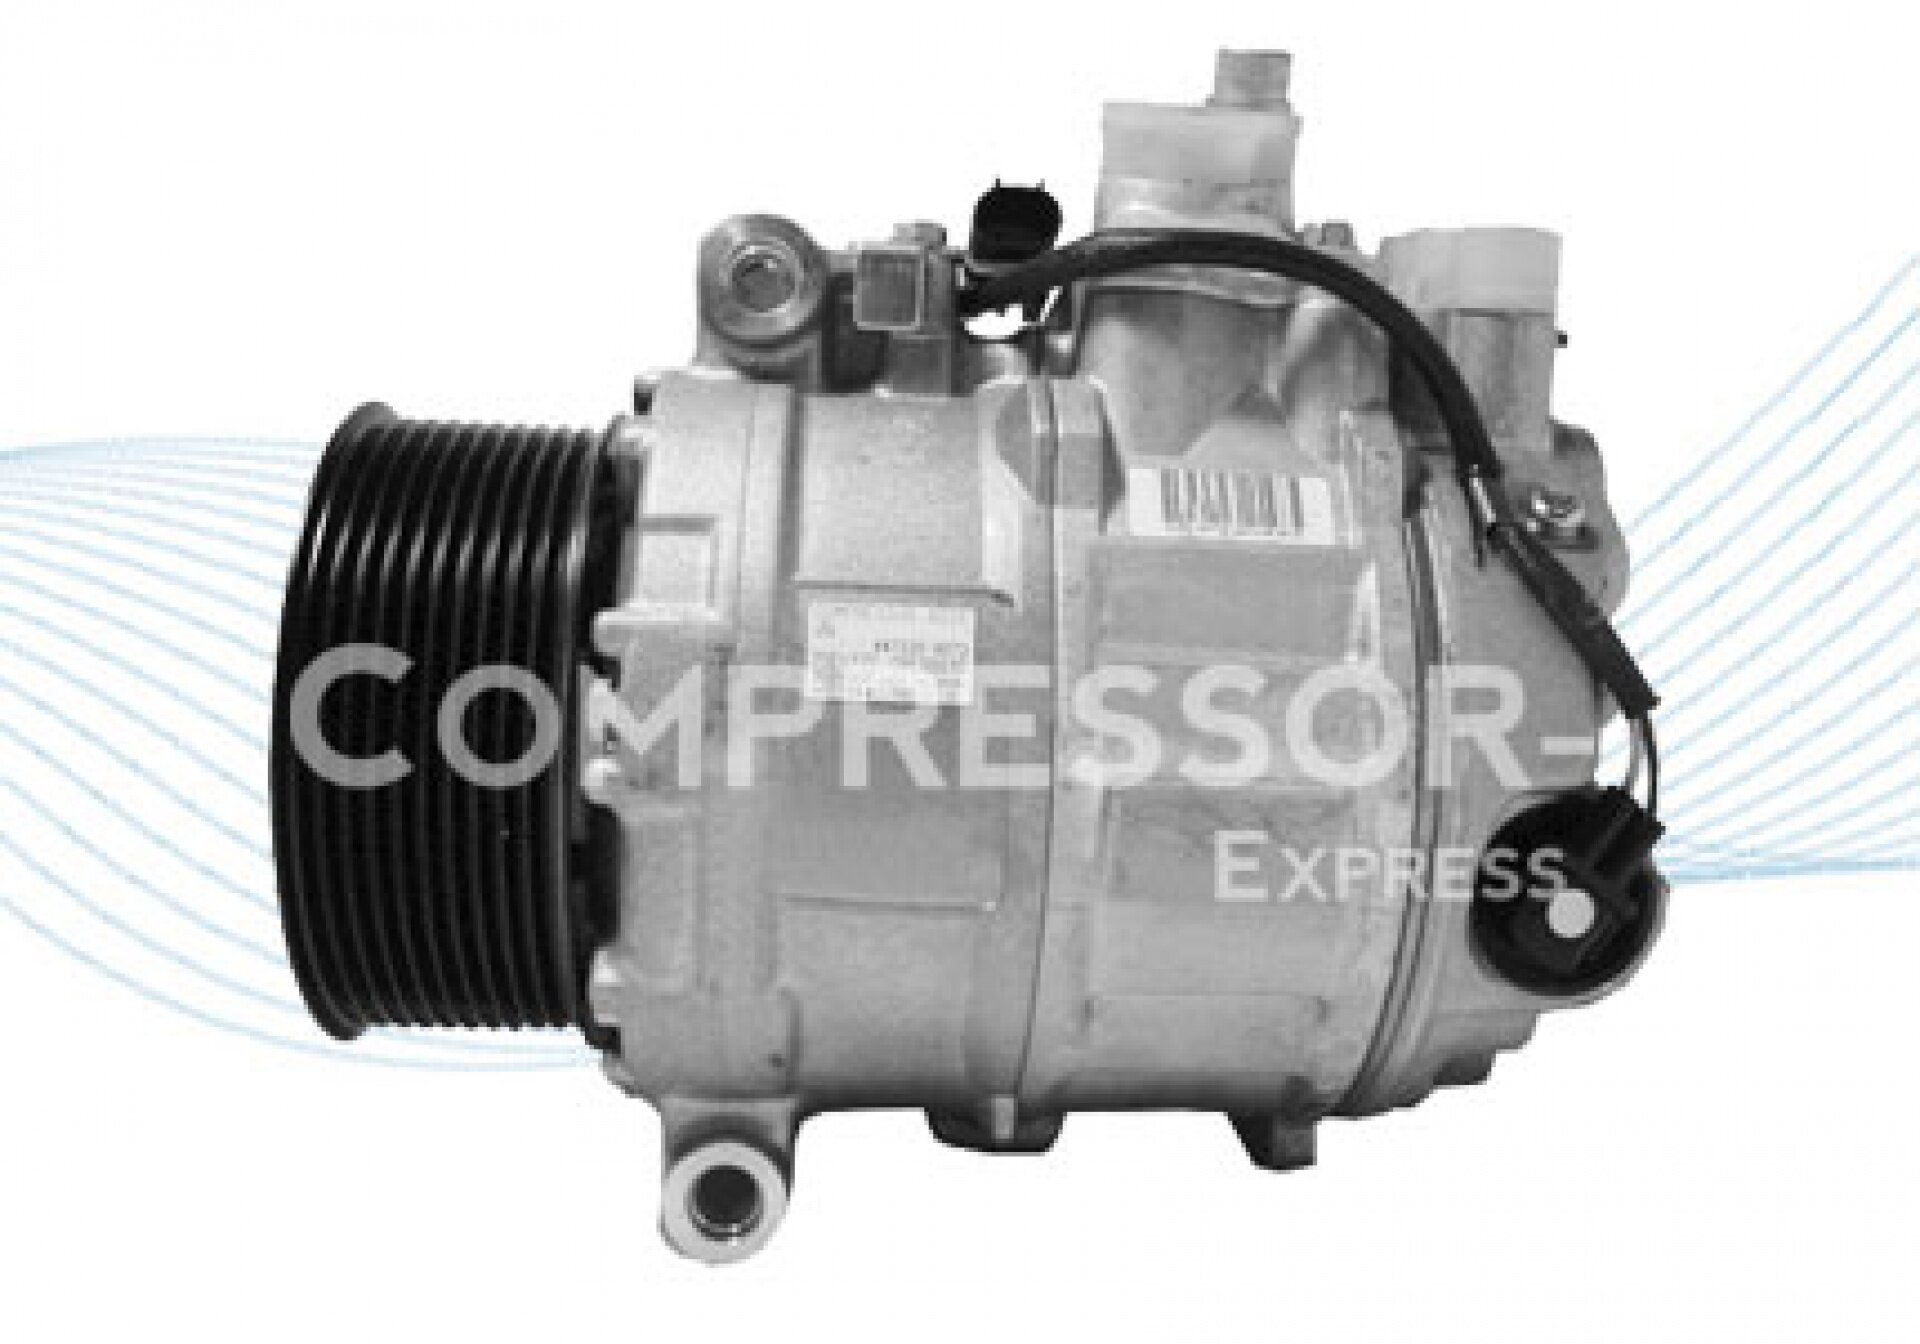 Denso 7seu17c compresor de aire acondicionado 447180 3573 for Compresor de aire acondicionado